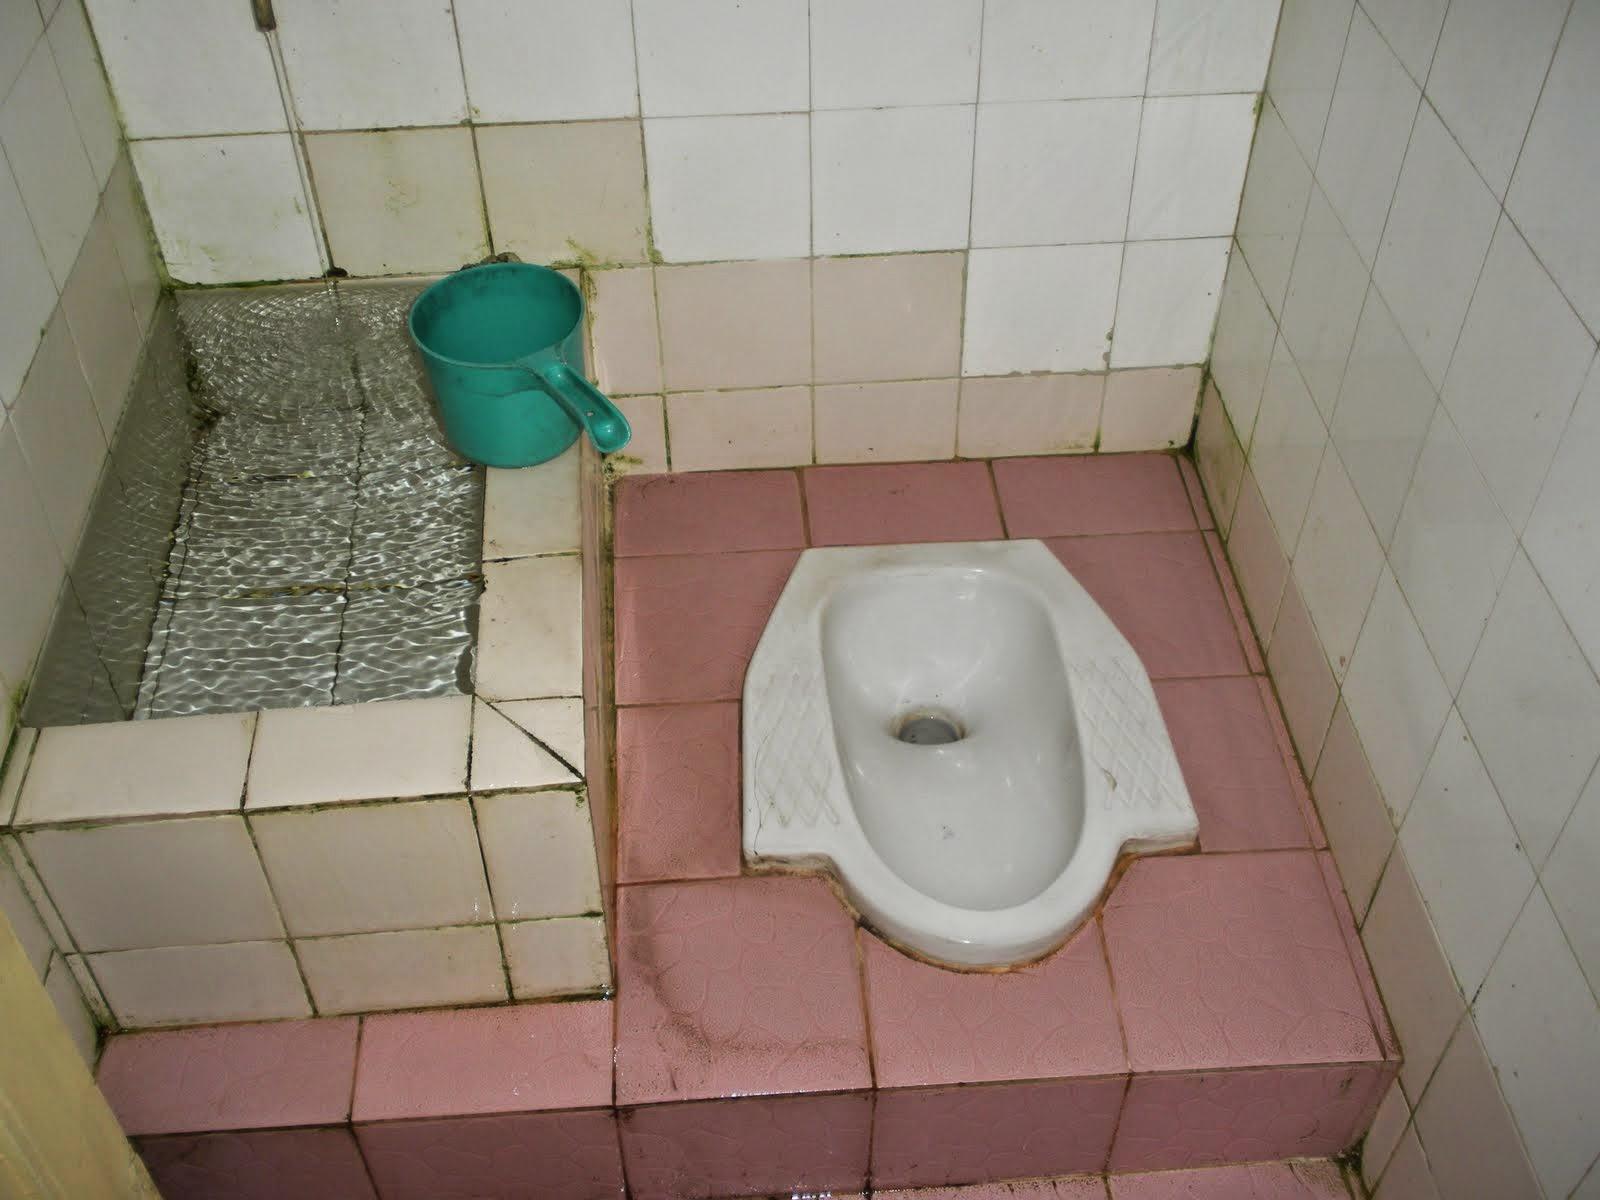 Bahaya Toilet yang Tidak Bersih